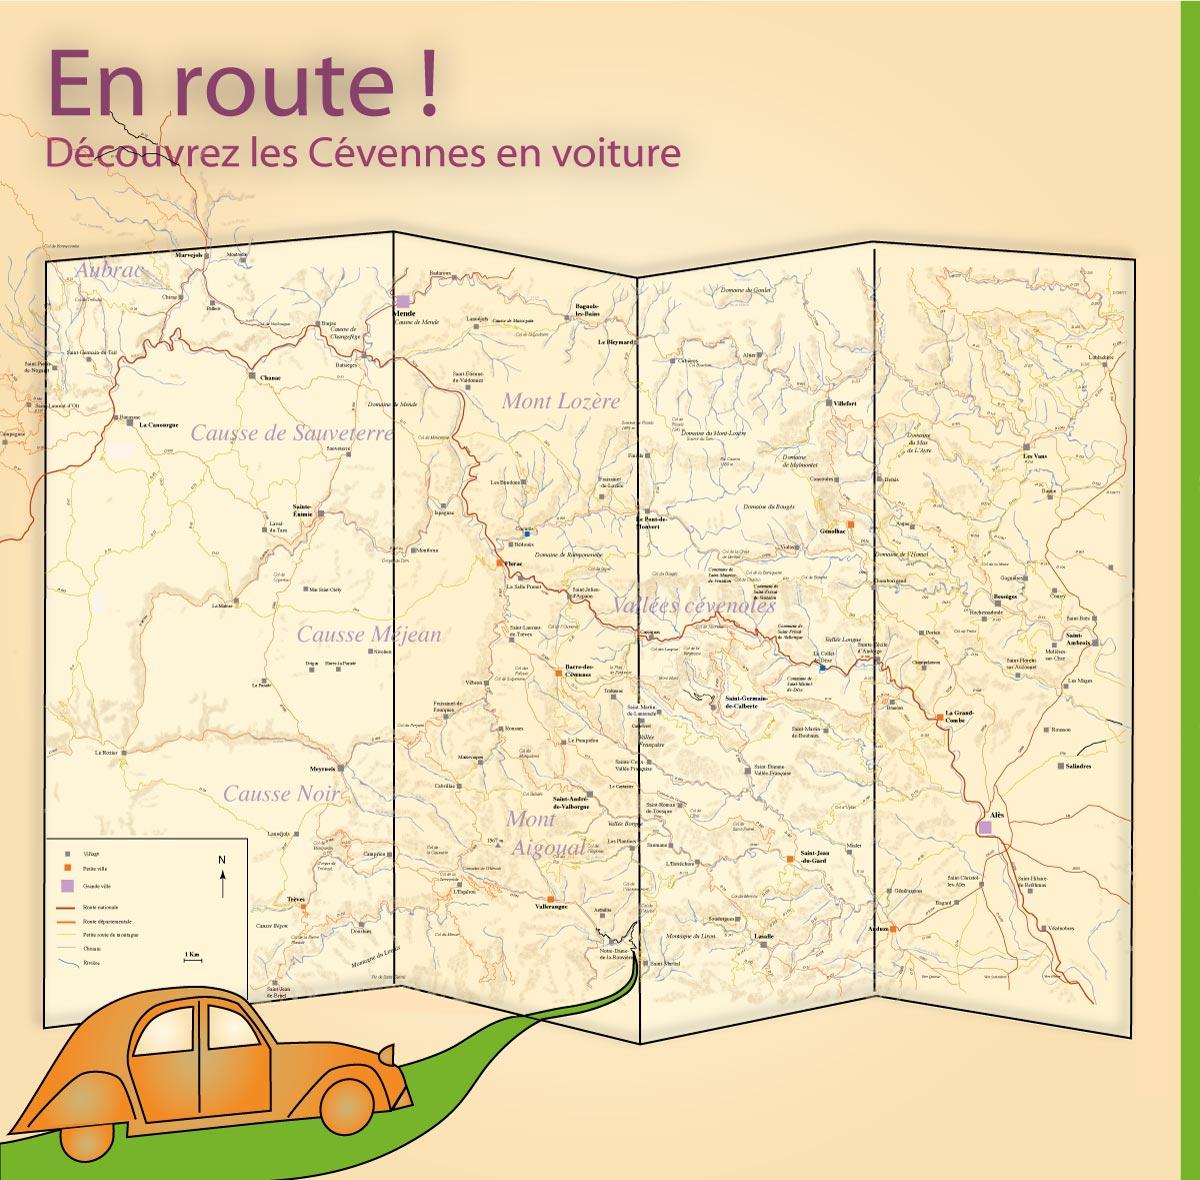 Route de découverte en Cévennes accessible en voiture